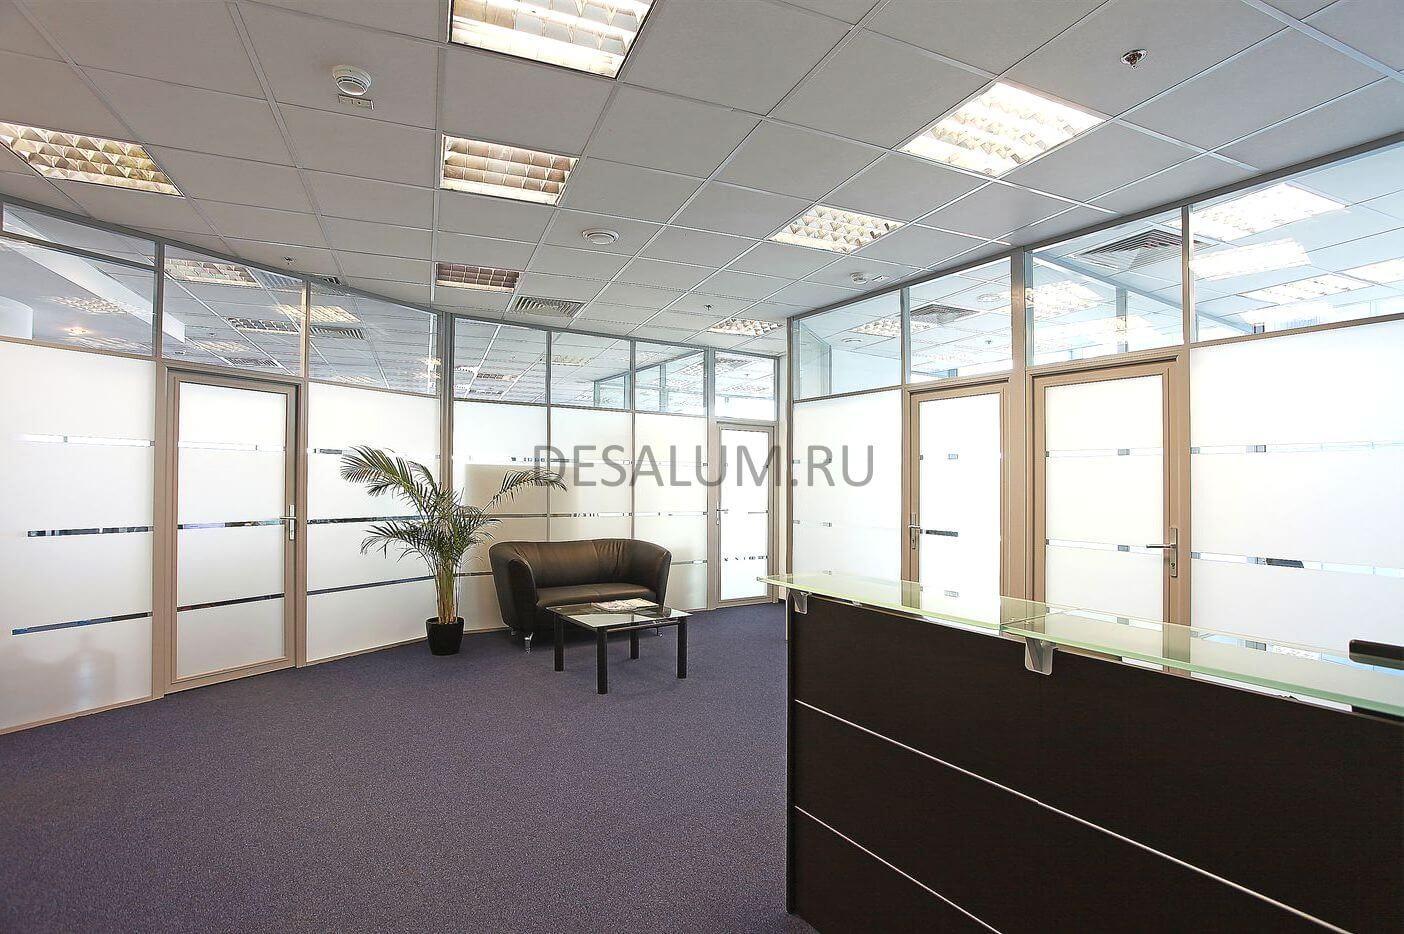 Каркасные офисные перегородки desalum